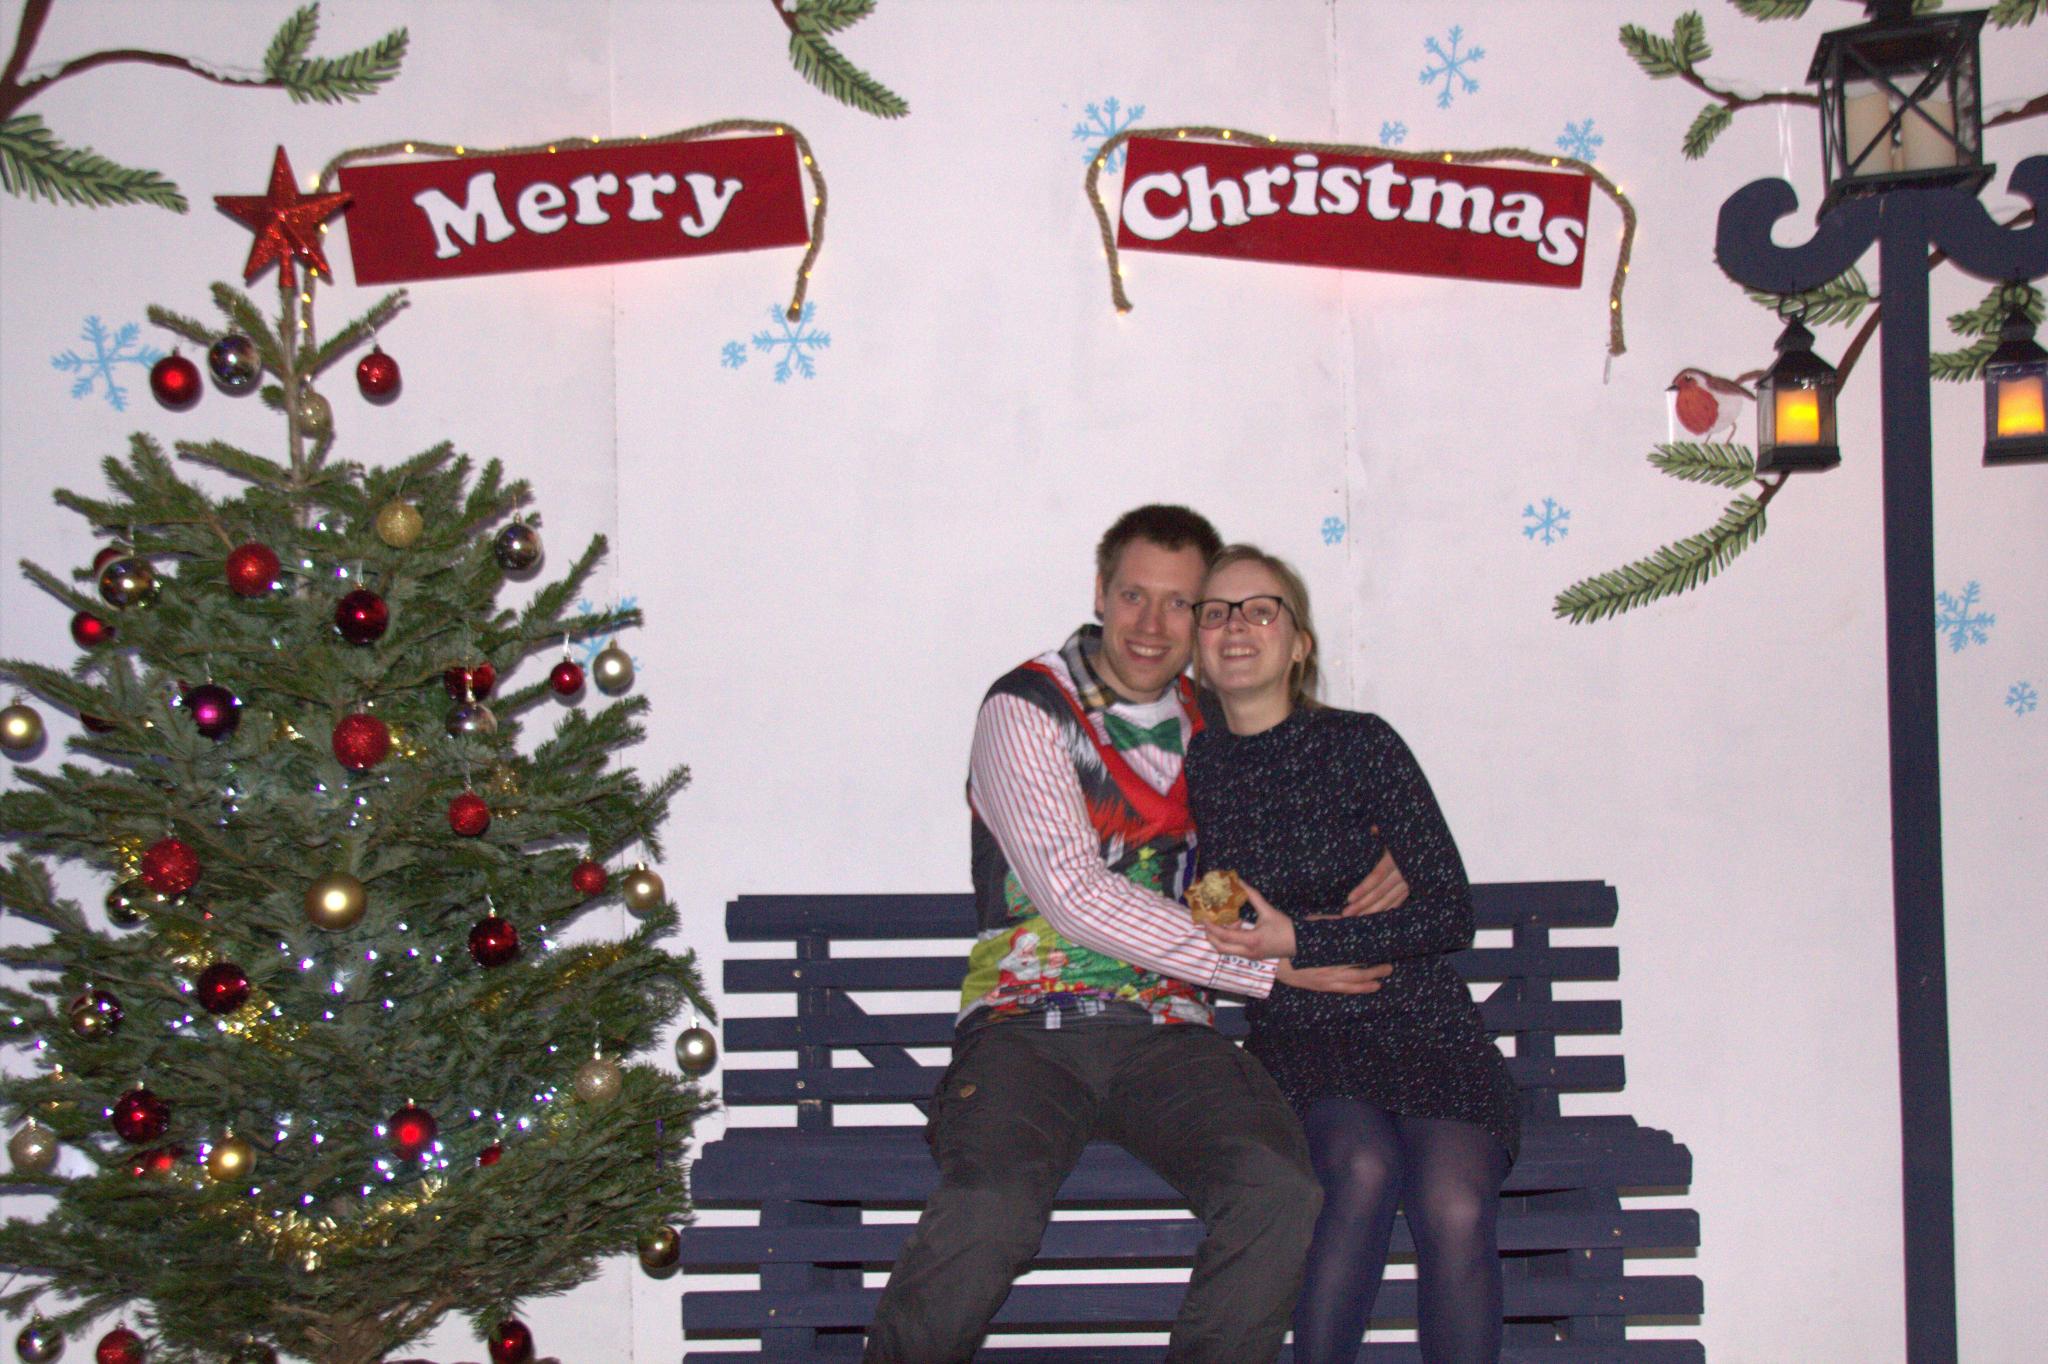 Kerstfeest_155